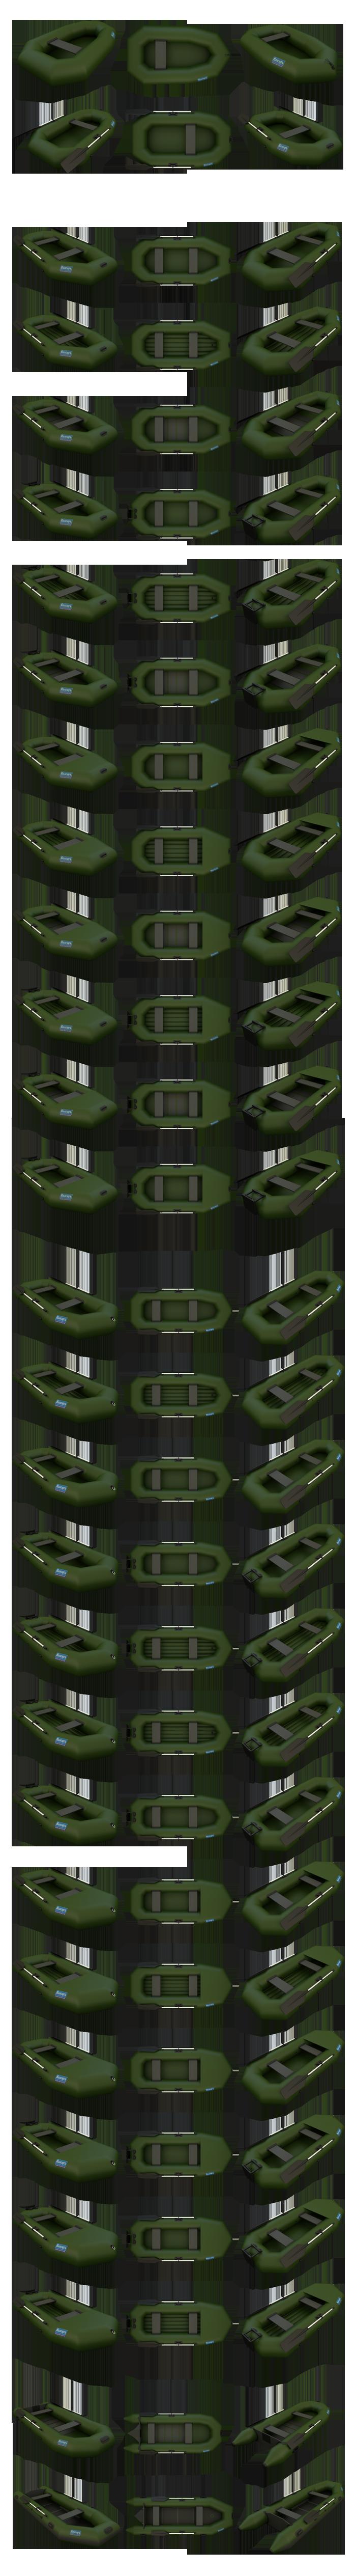 Моделирование и визуализация Лодок ПВХ в различной комплектации 87 позиций